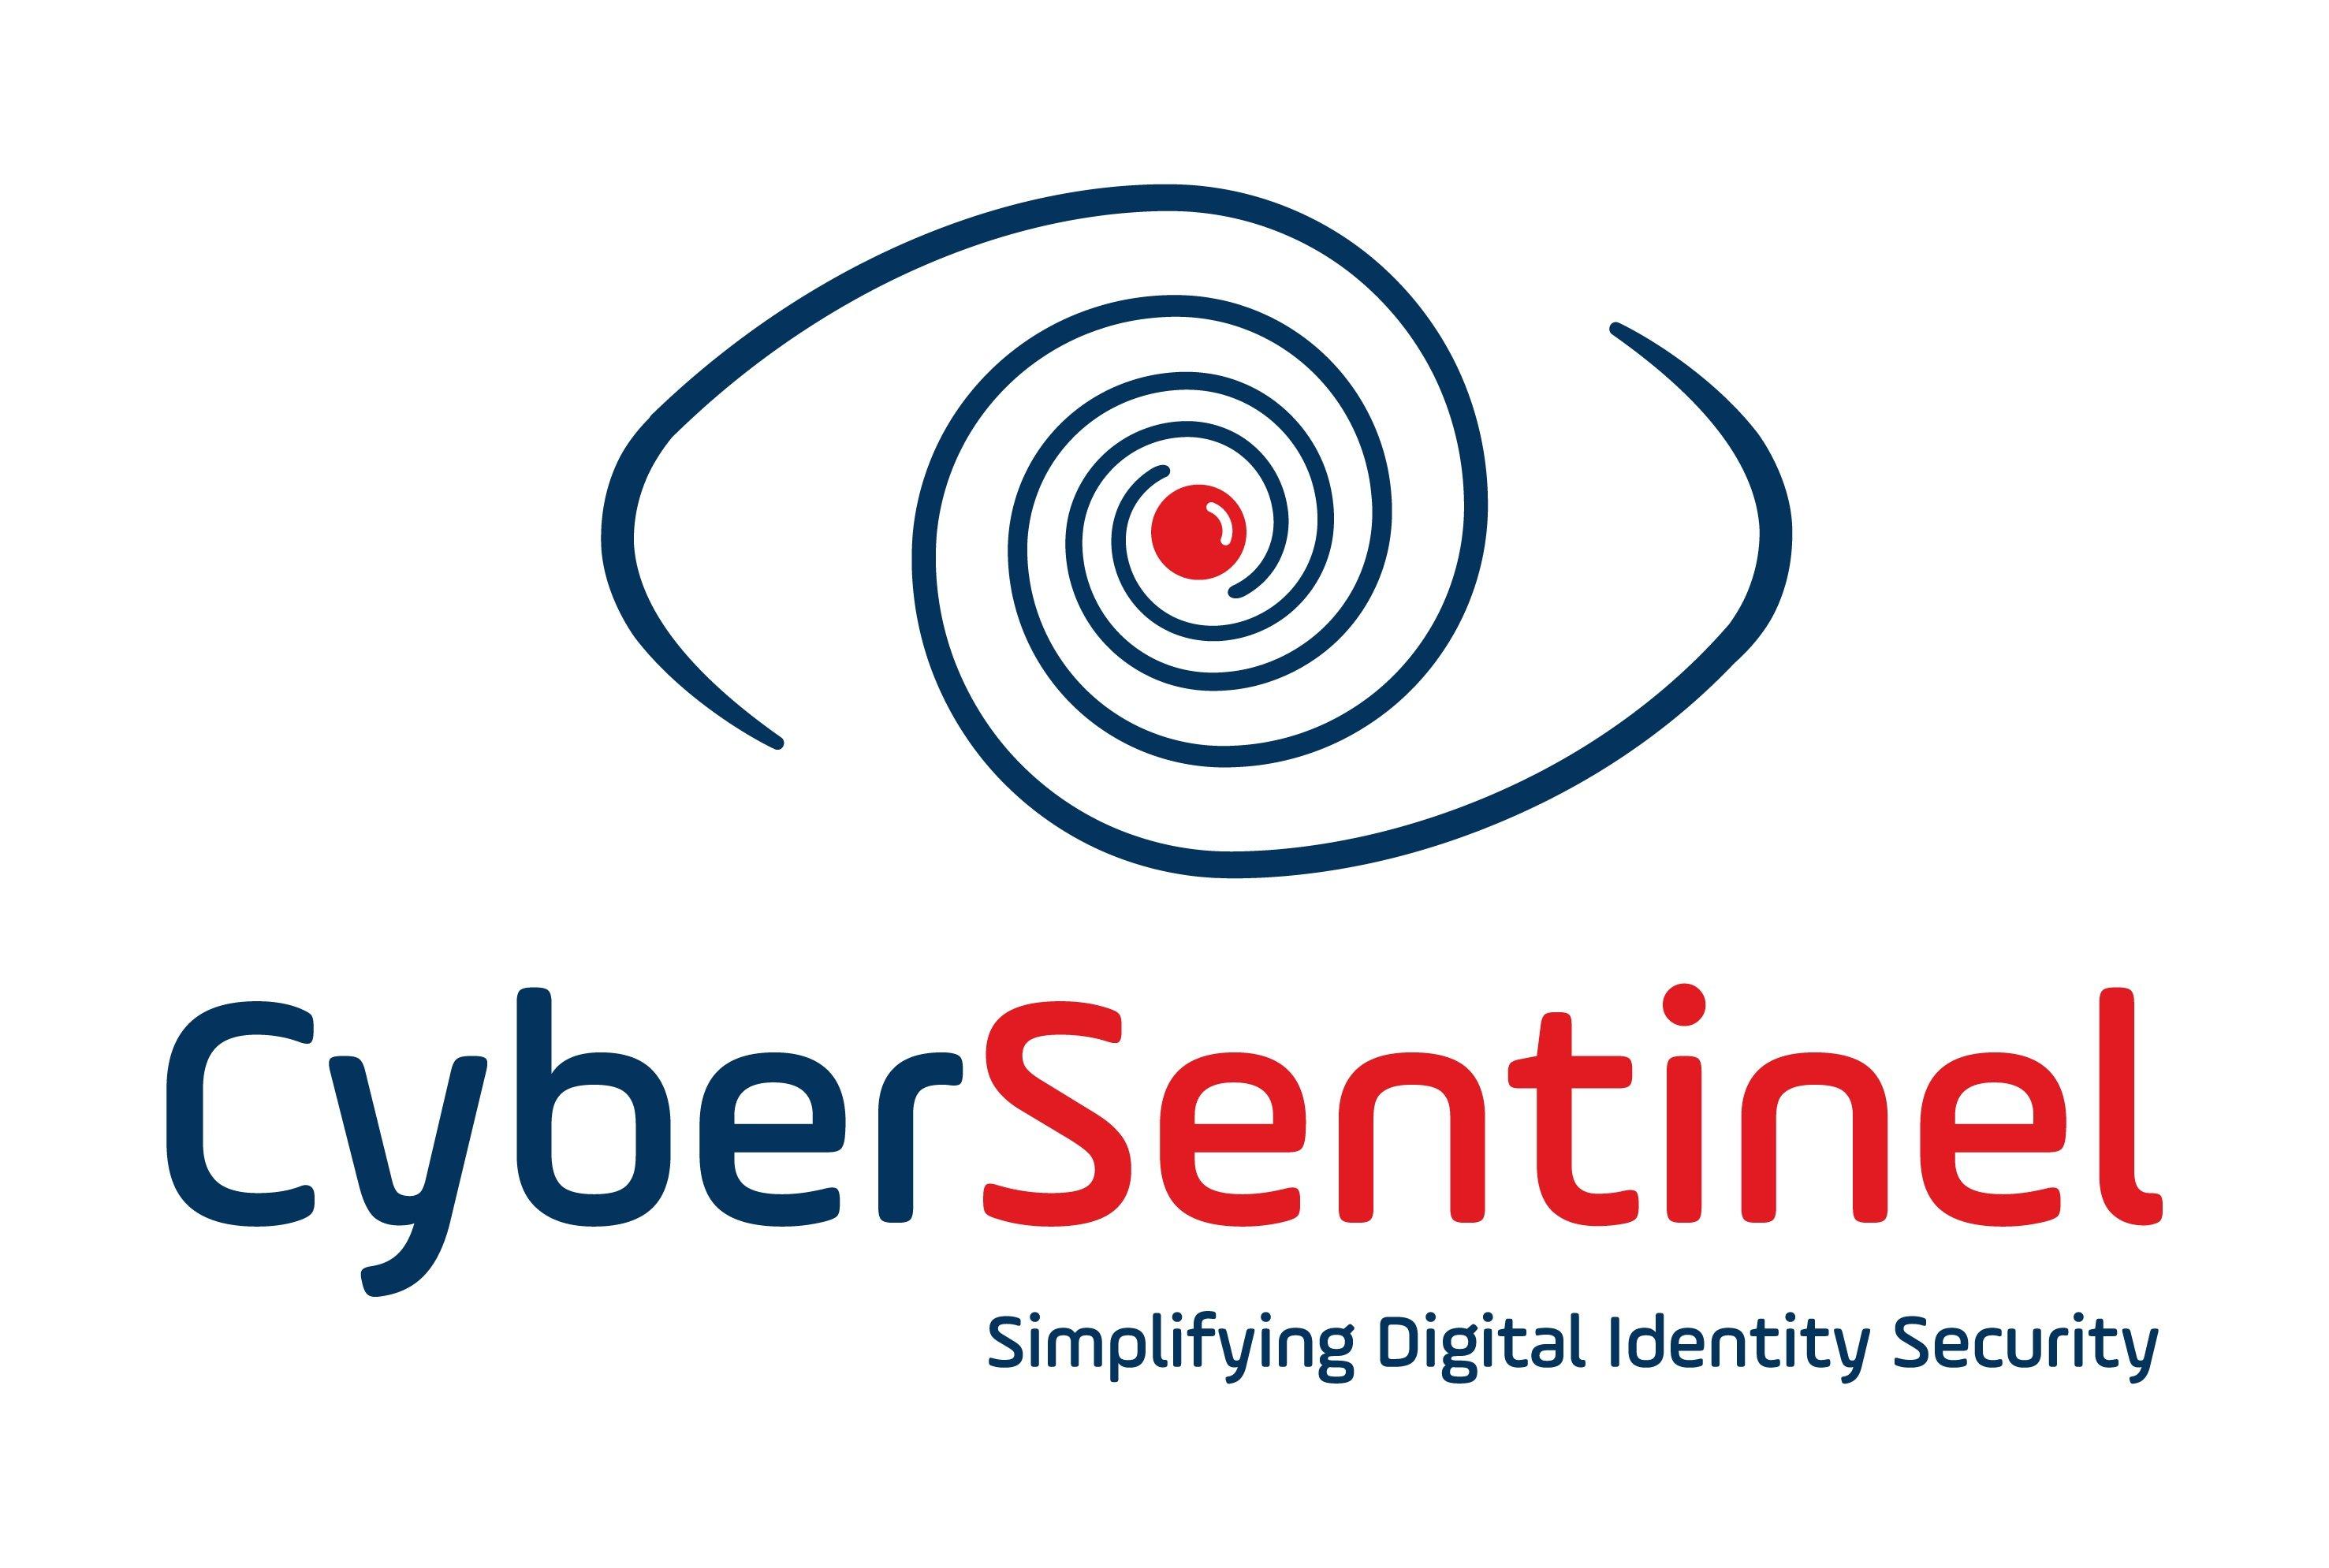 cyber sentinel logo-01 (digital)